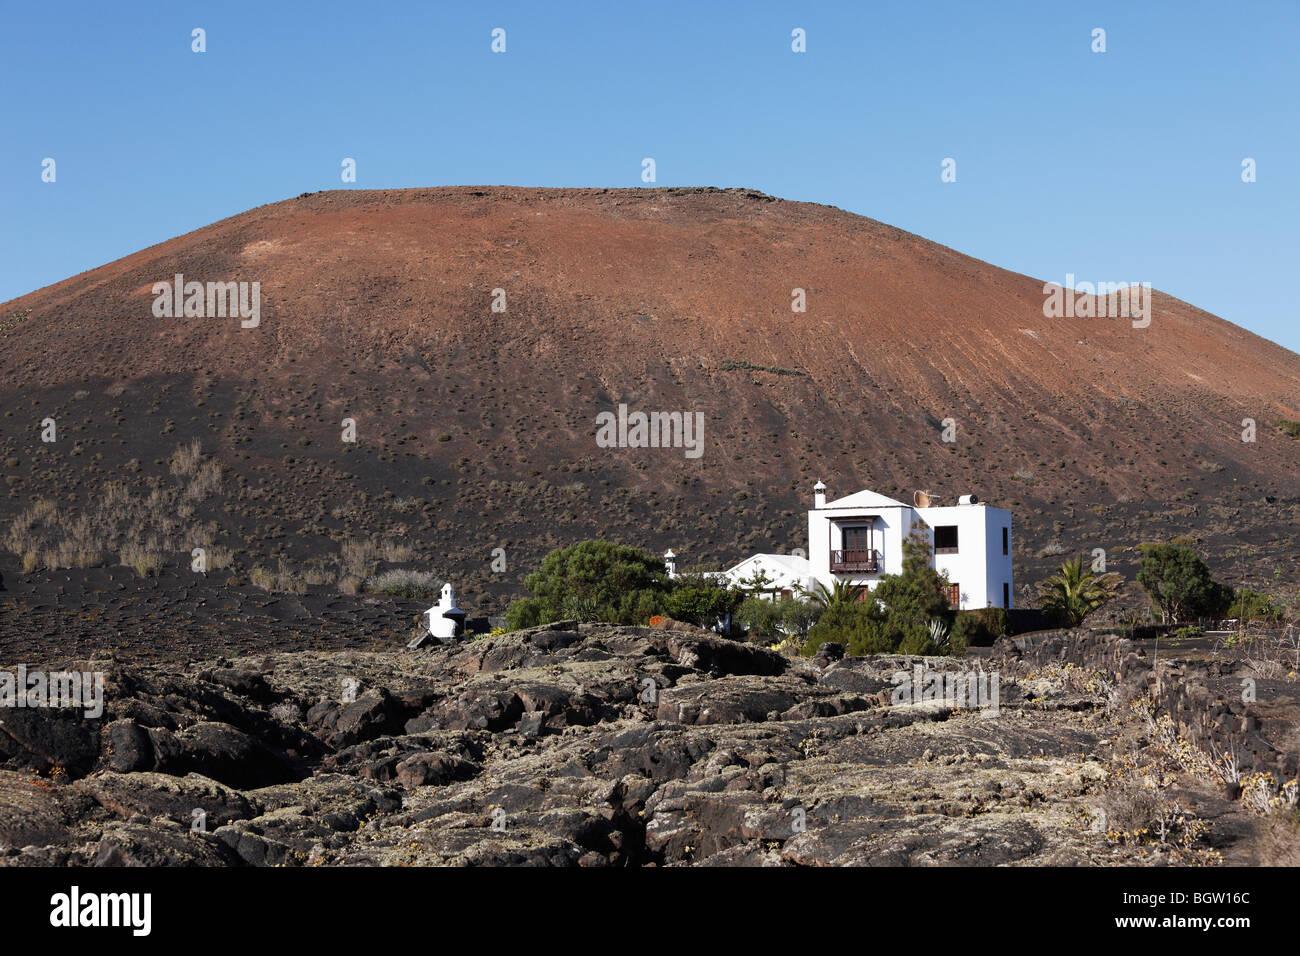 Montaña de Juan Bello volcano, house in a lava field, La Geria, Lanzarote, Canary Islands, Spain, Europe - Stock Image